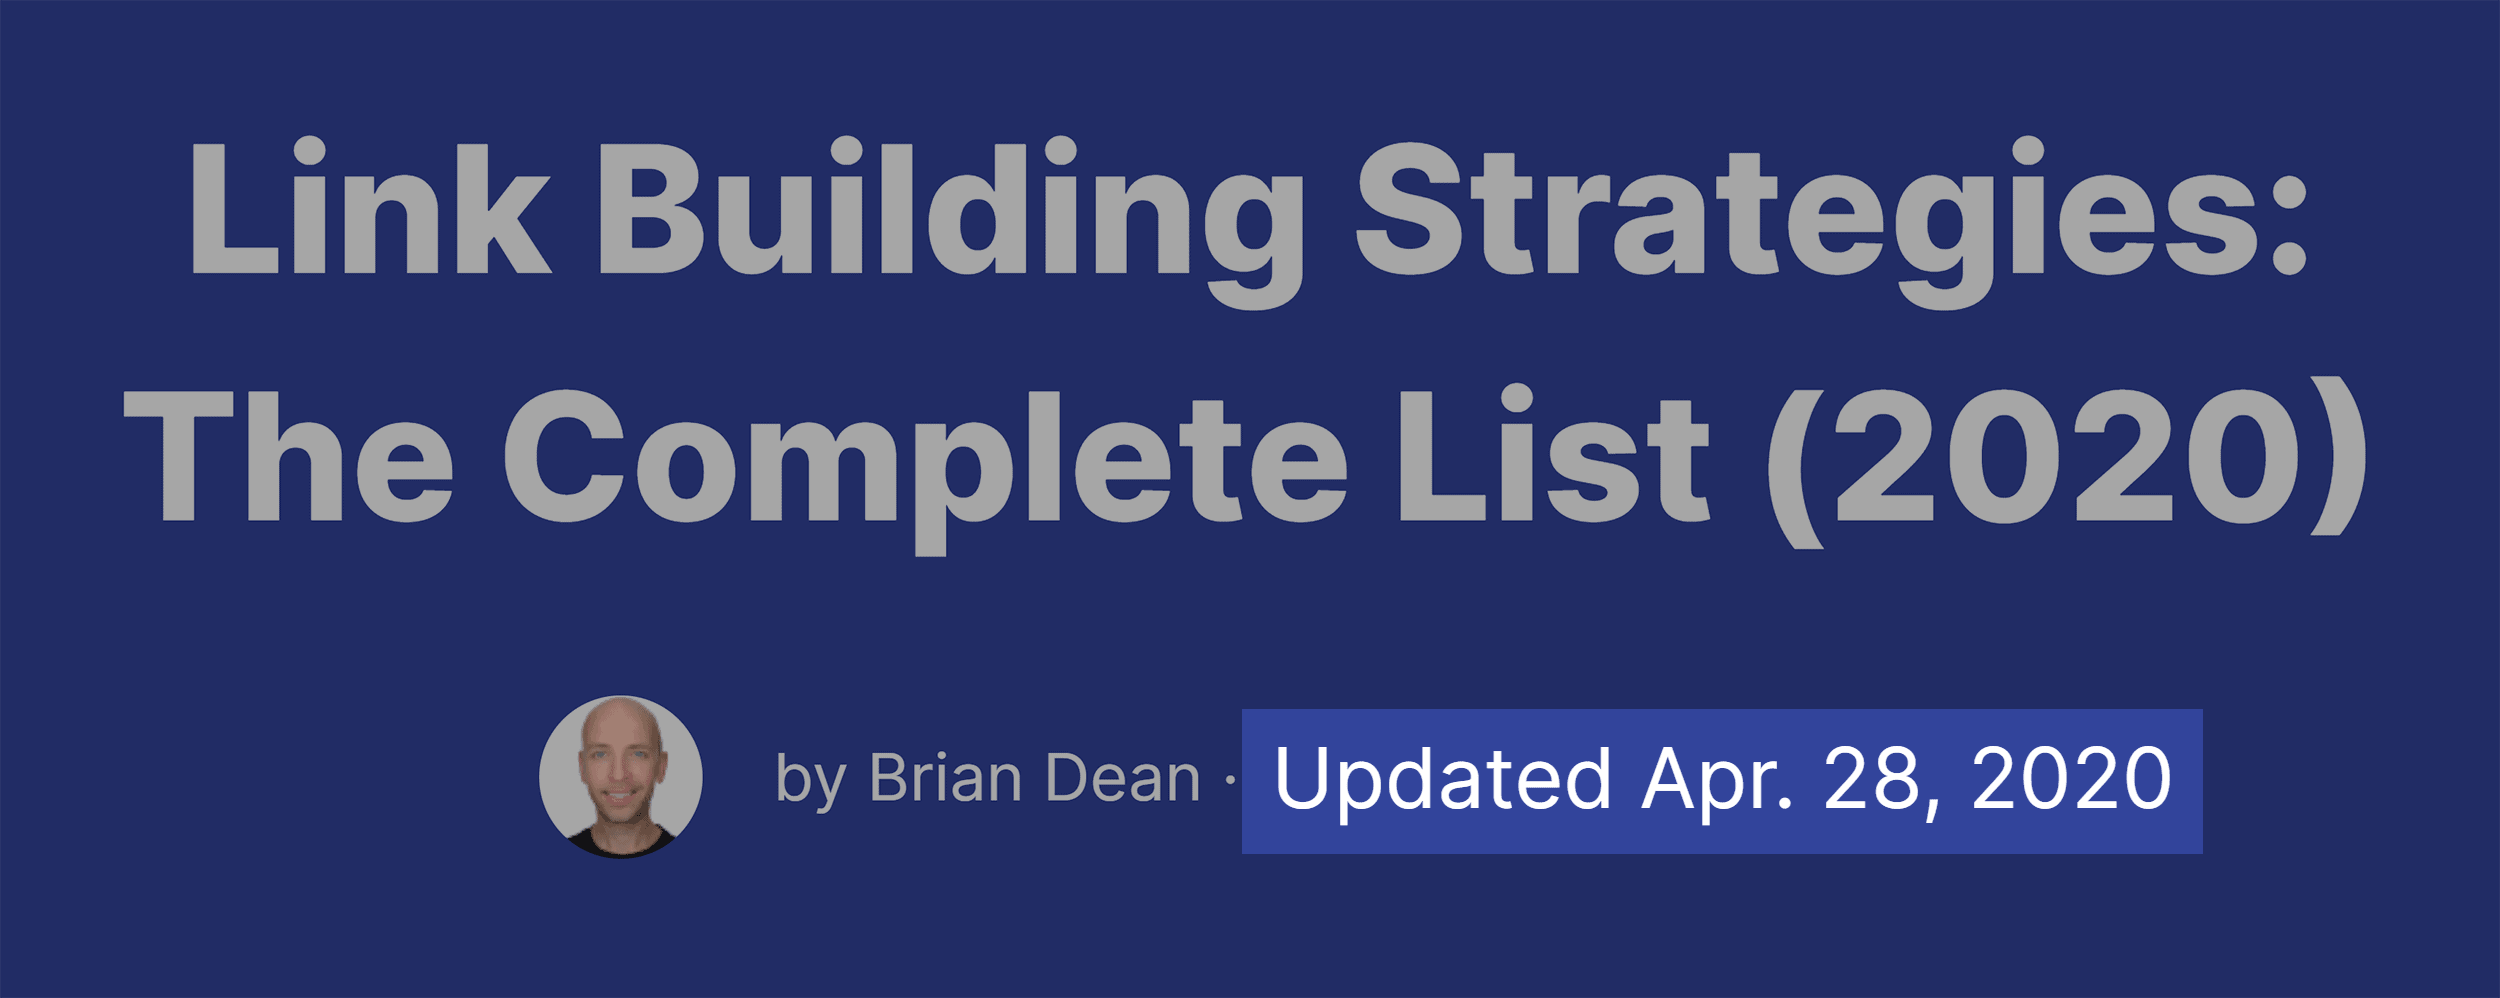 Link Building Strategies Update Date